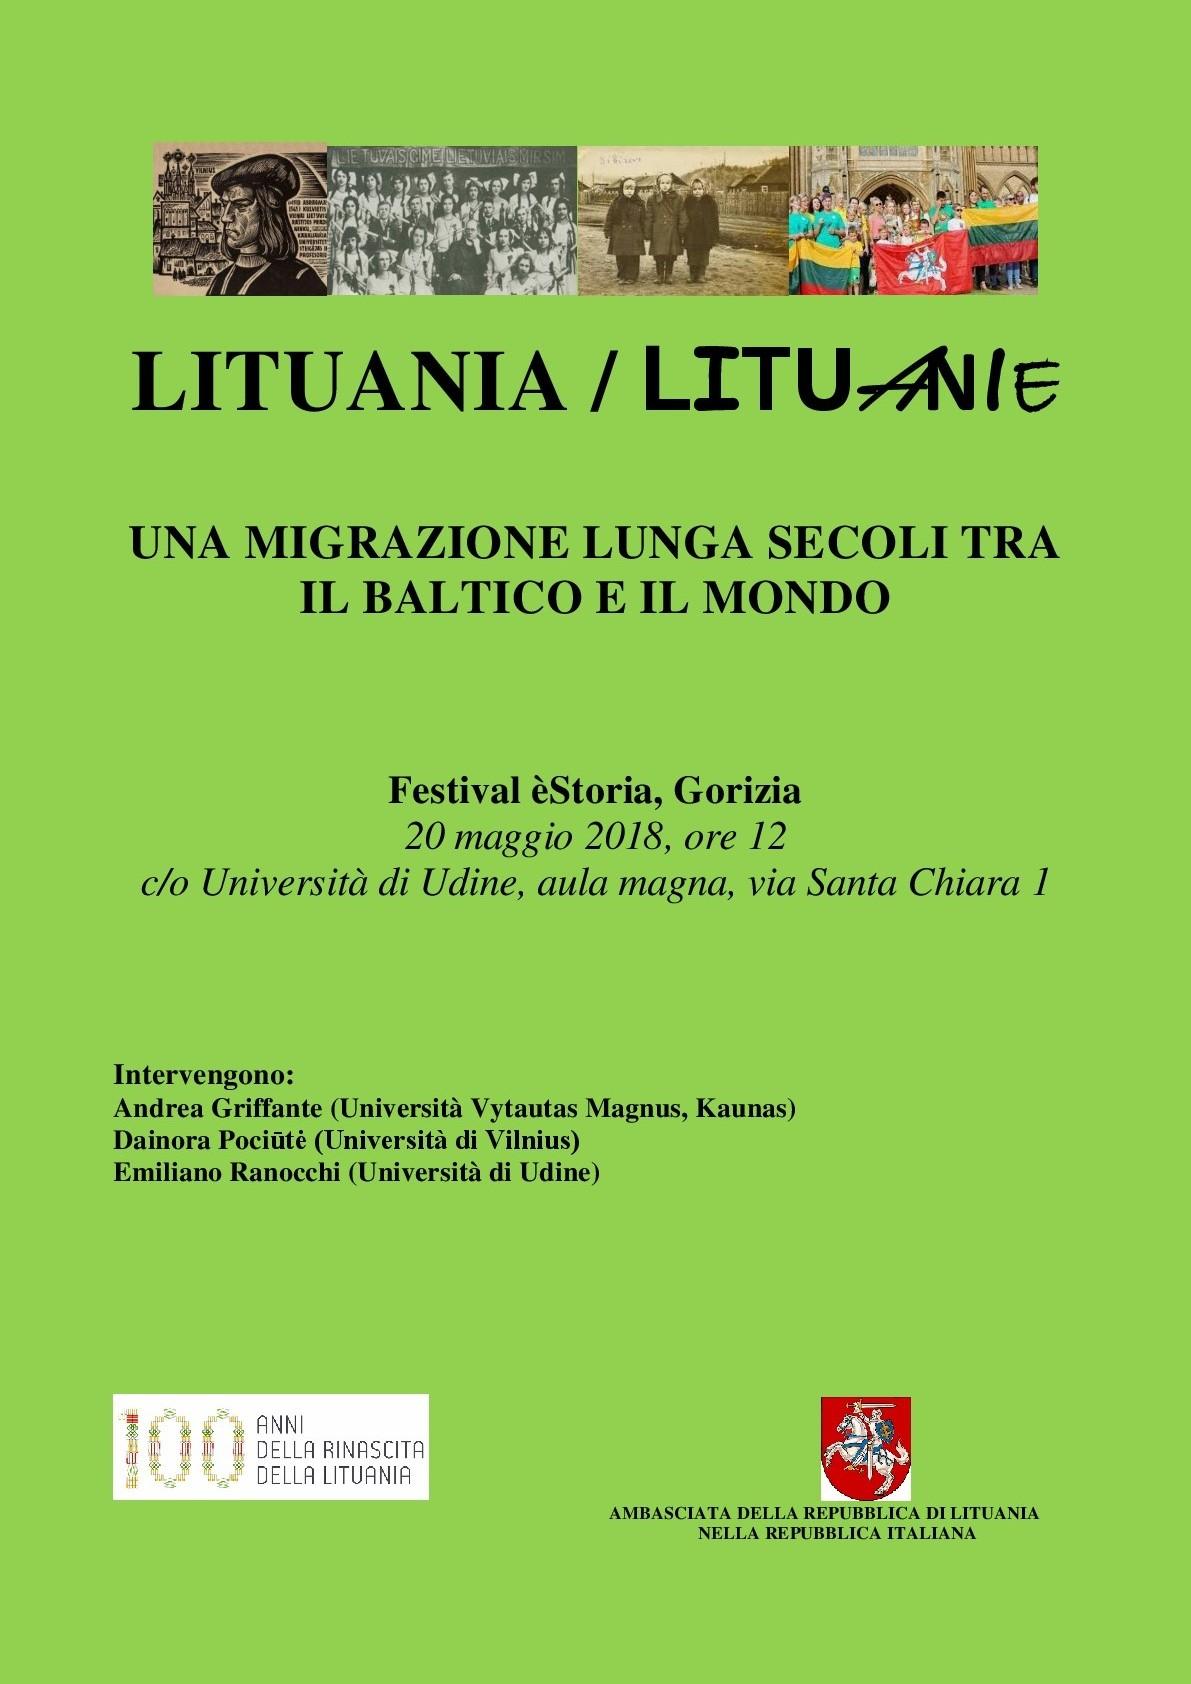 Ar emigracija tik Lietuvos problema, ir kas laukia šalies? Italai ir lietuviai kviečia pasikalbėti